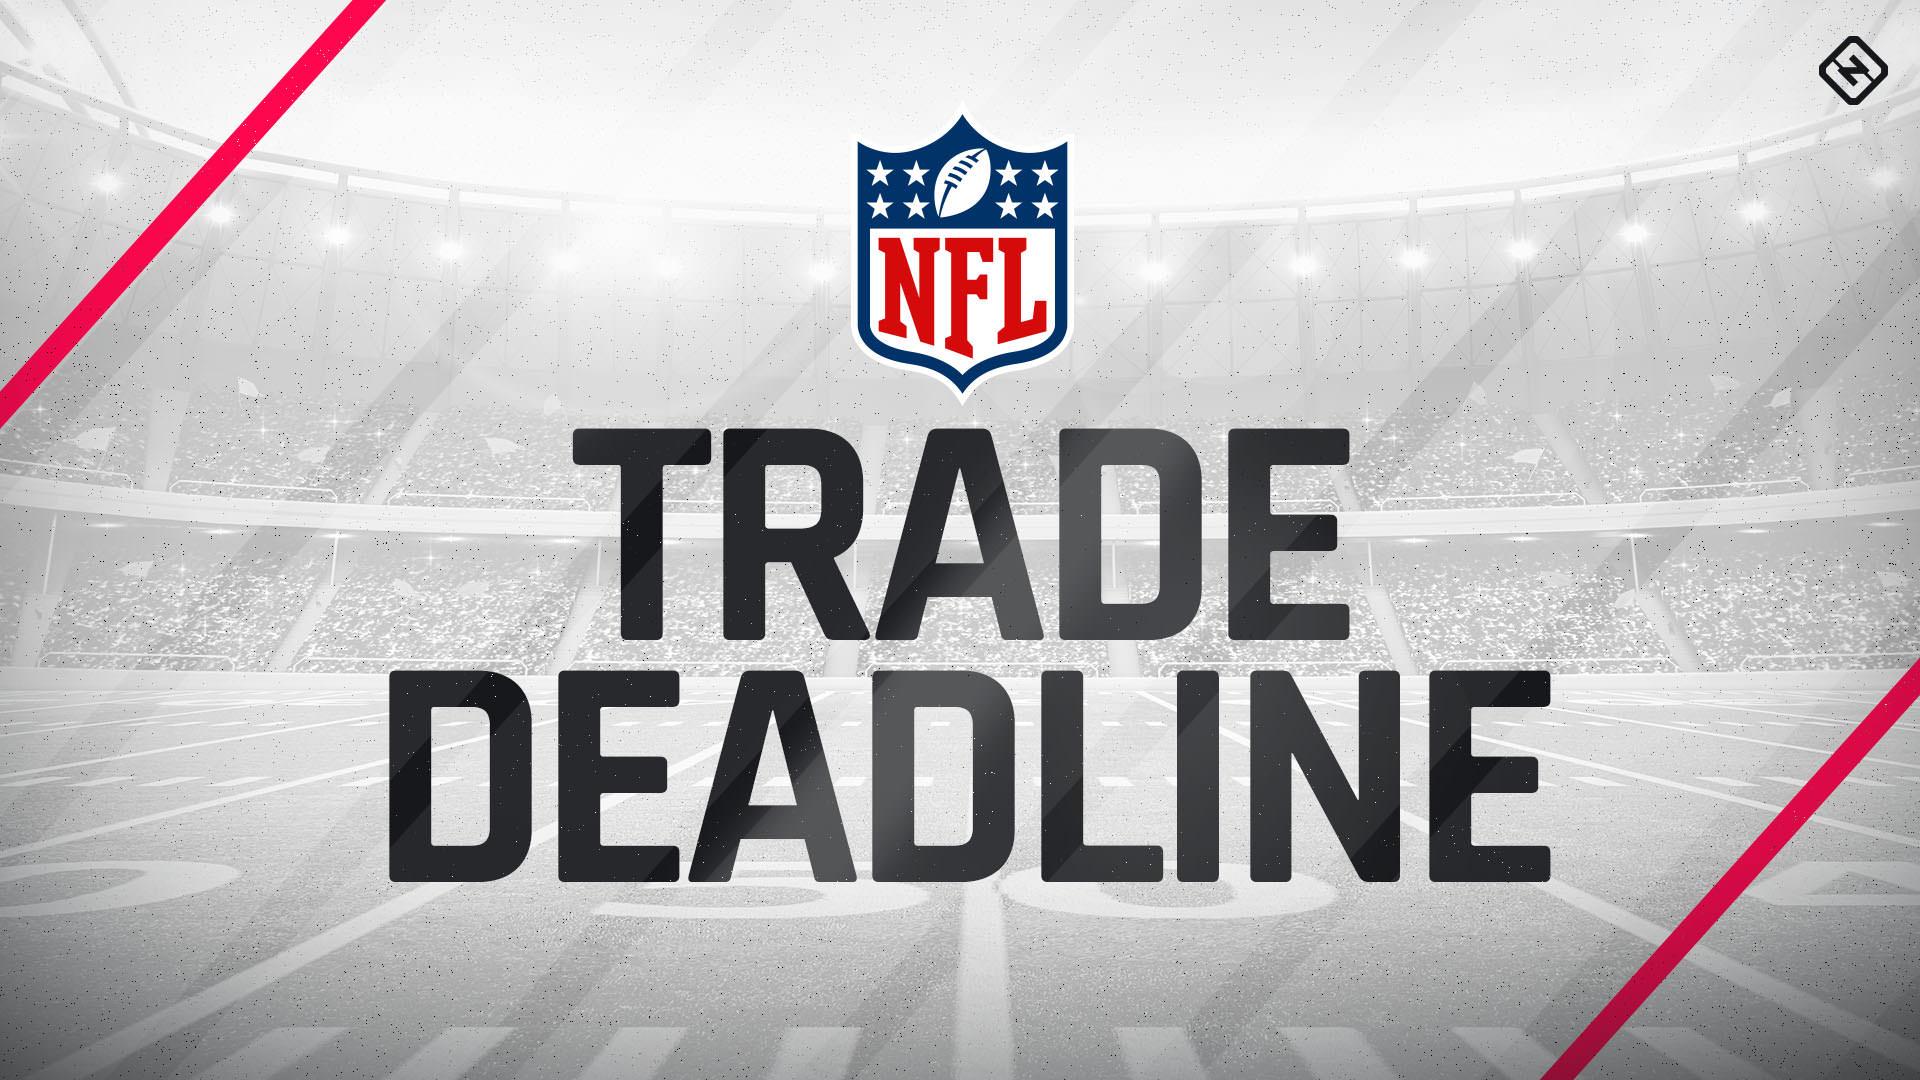 Quando é o prazo de negociação da NFL em 2020?  Data, hora, últimas notícias, rumores e principais alvos